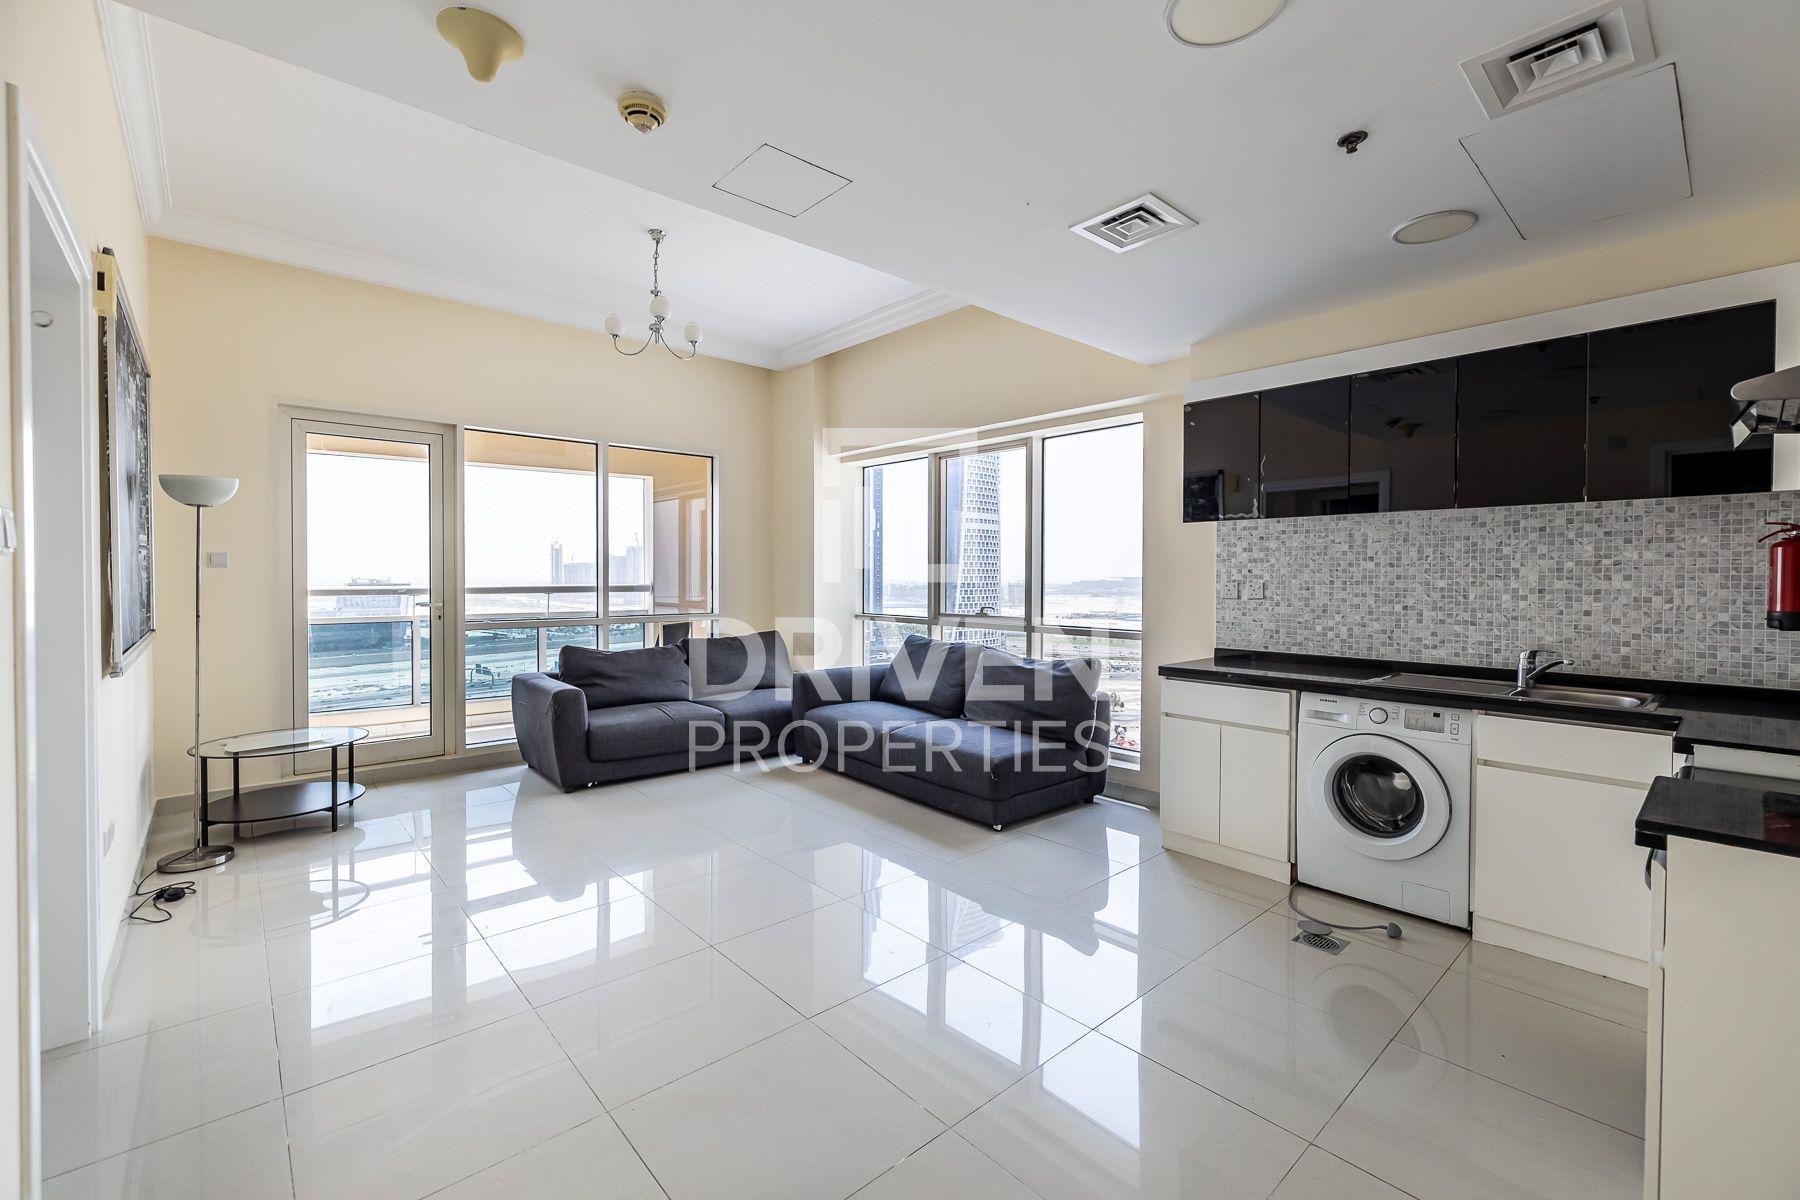 730 قدم مربع  شقة - للبيع - الخليج التجاري